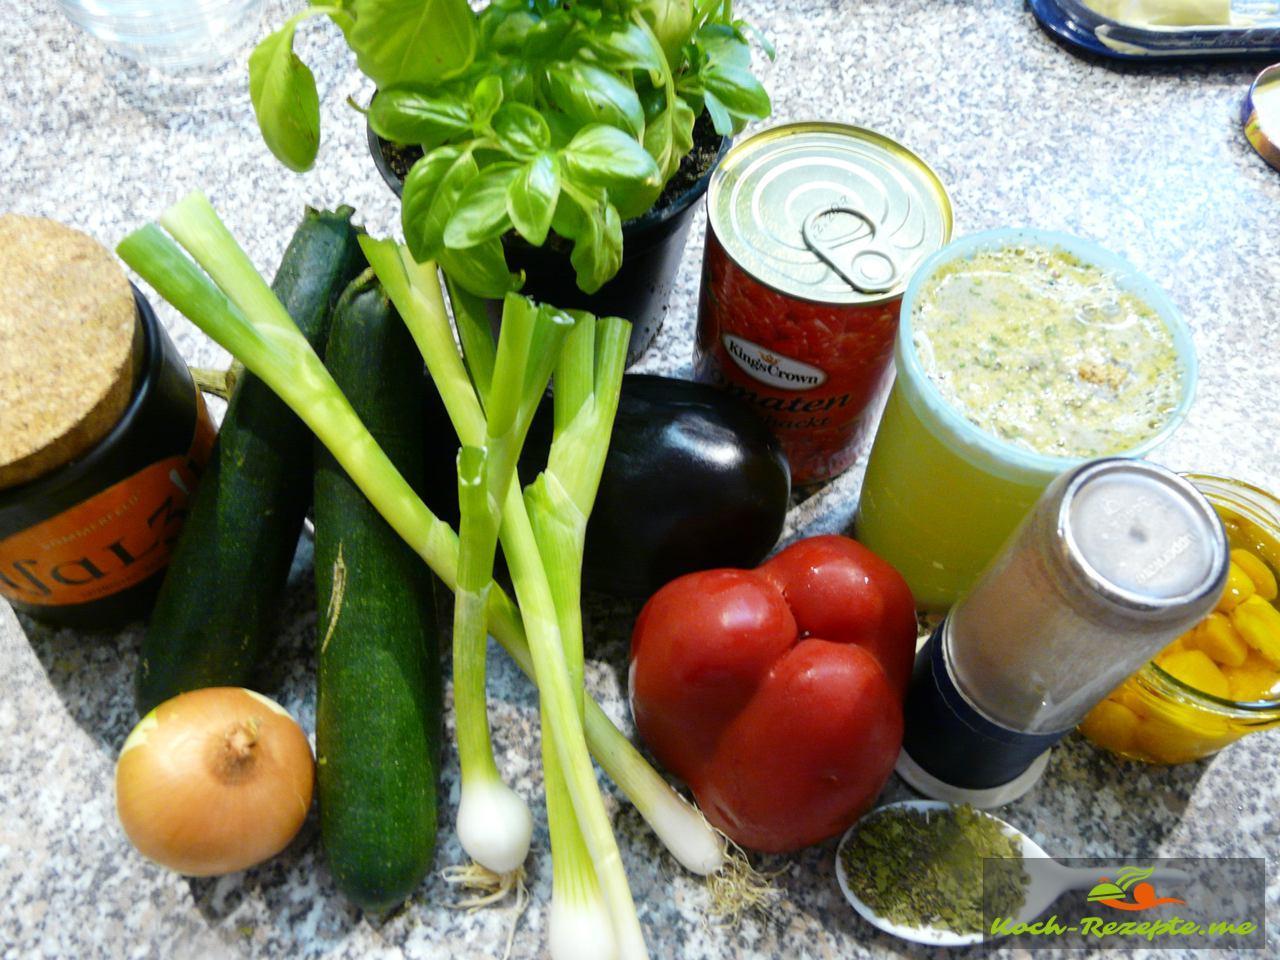 Zutaten für  Ratatouille köstliches mediterranes Rezept